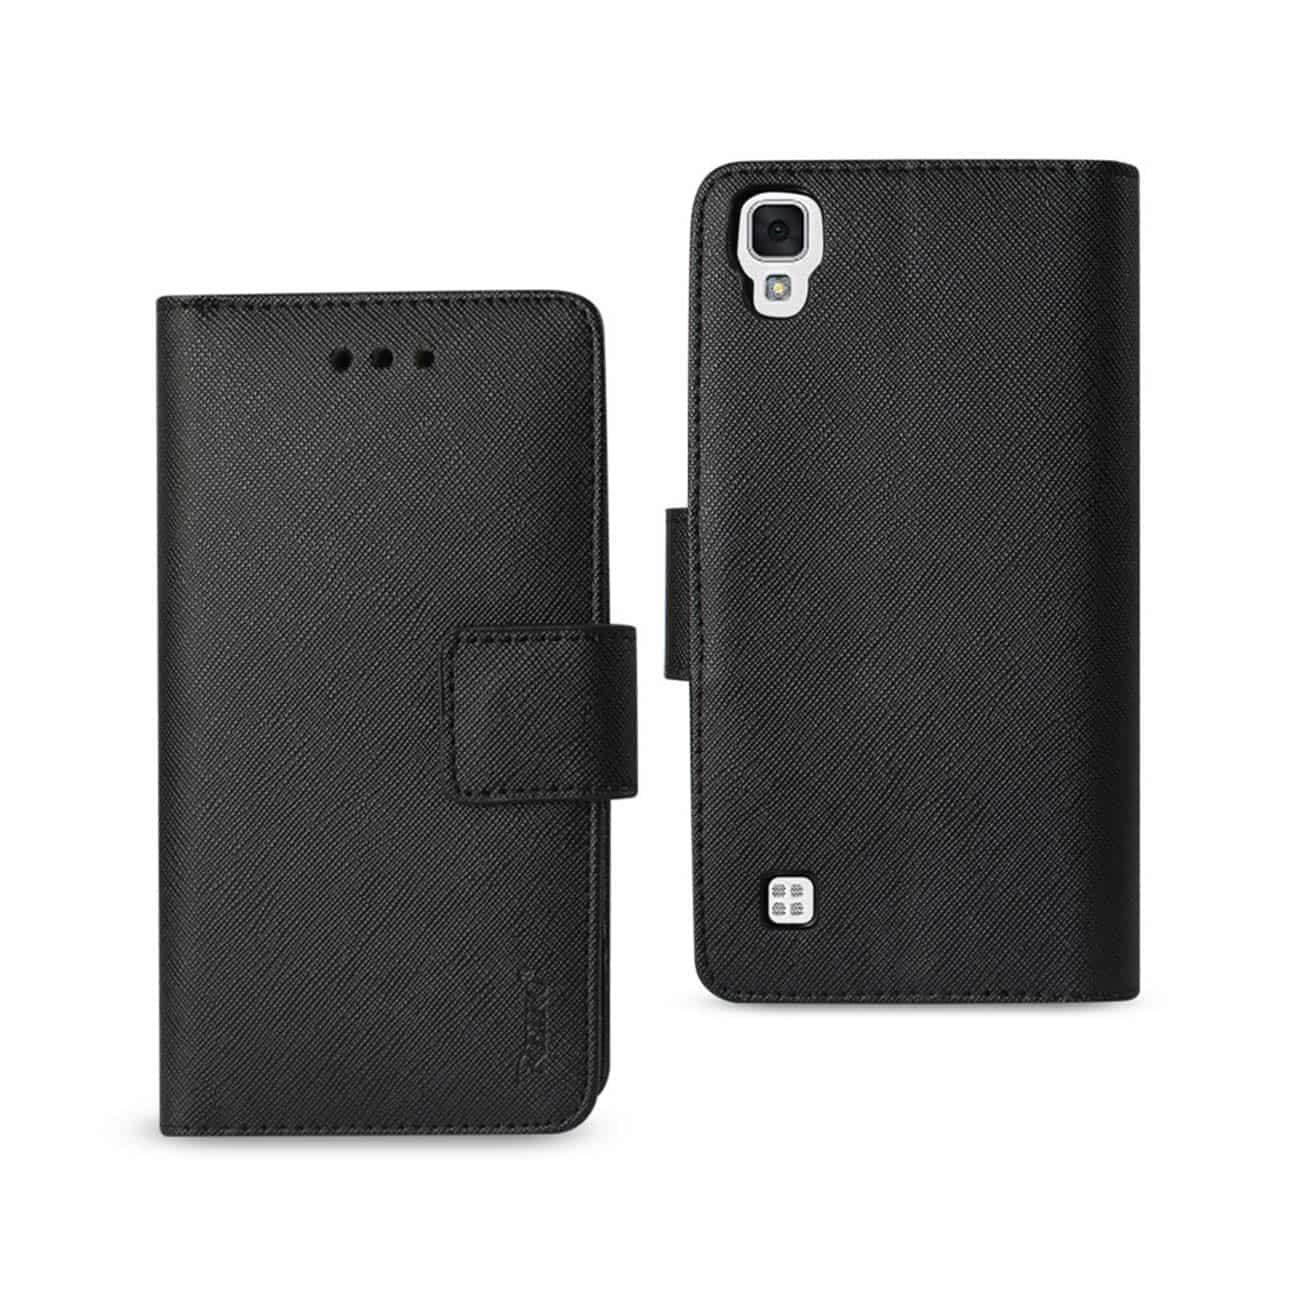 LG X STYLE (TRIBUTE HD) 3-IN-1 WALLET CASE IN BLACK